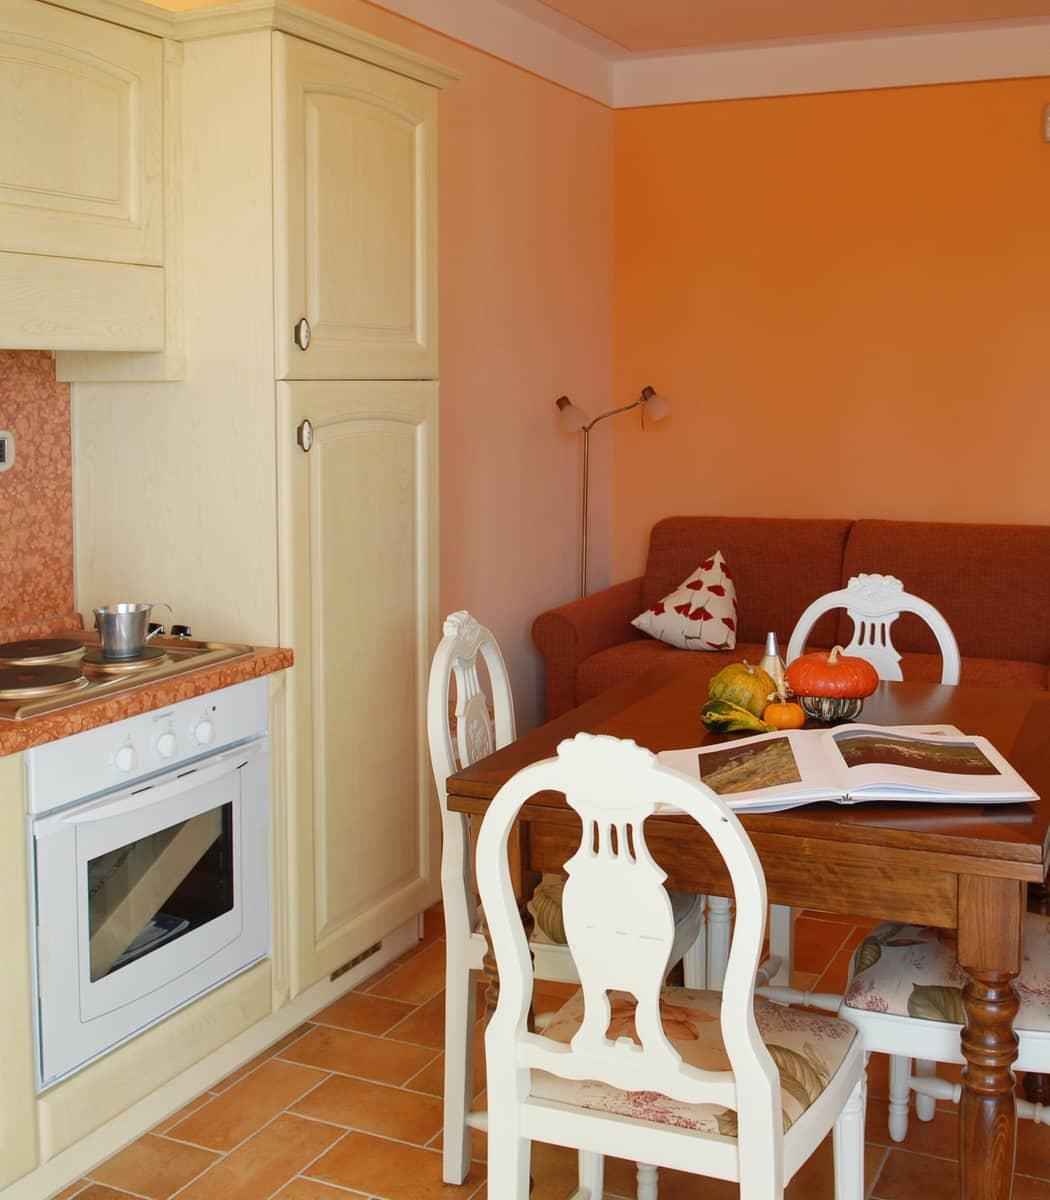 dettaglio cucina appartamento